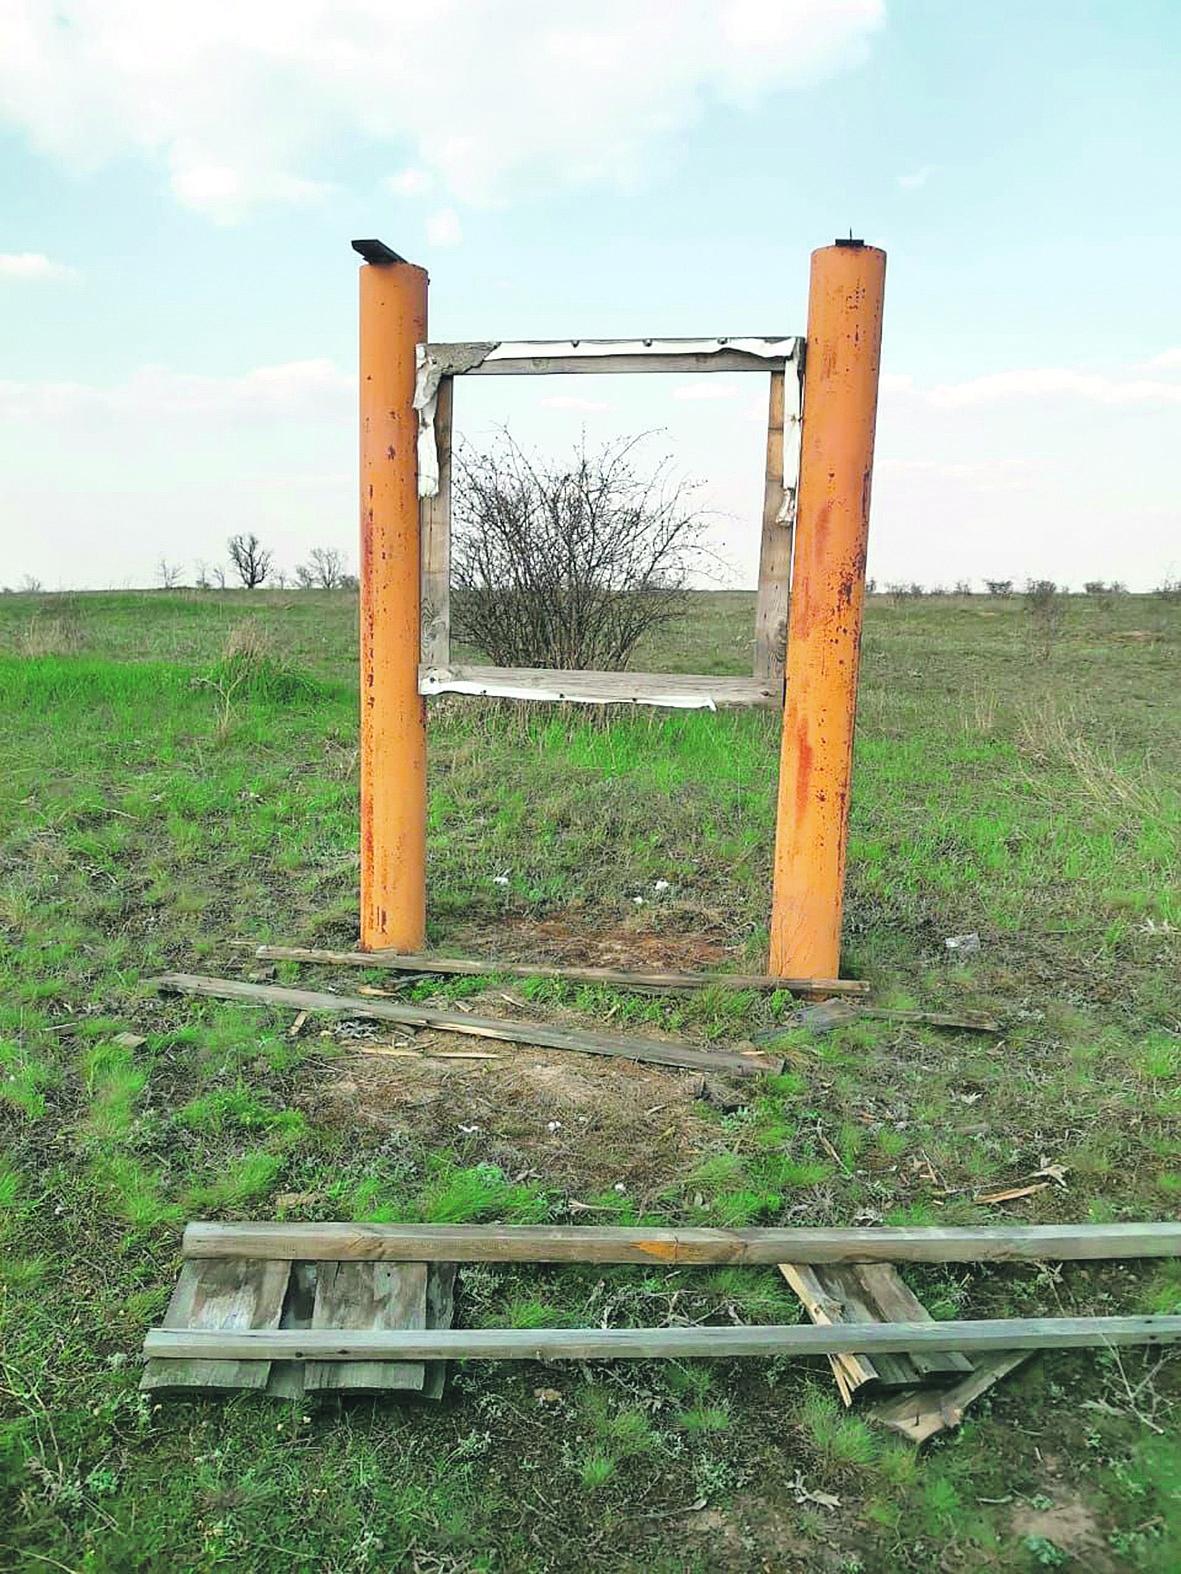 Вандалы разбили щиты на территории Богураевского сельского поселения в урочище Черная балка